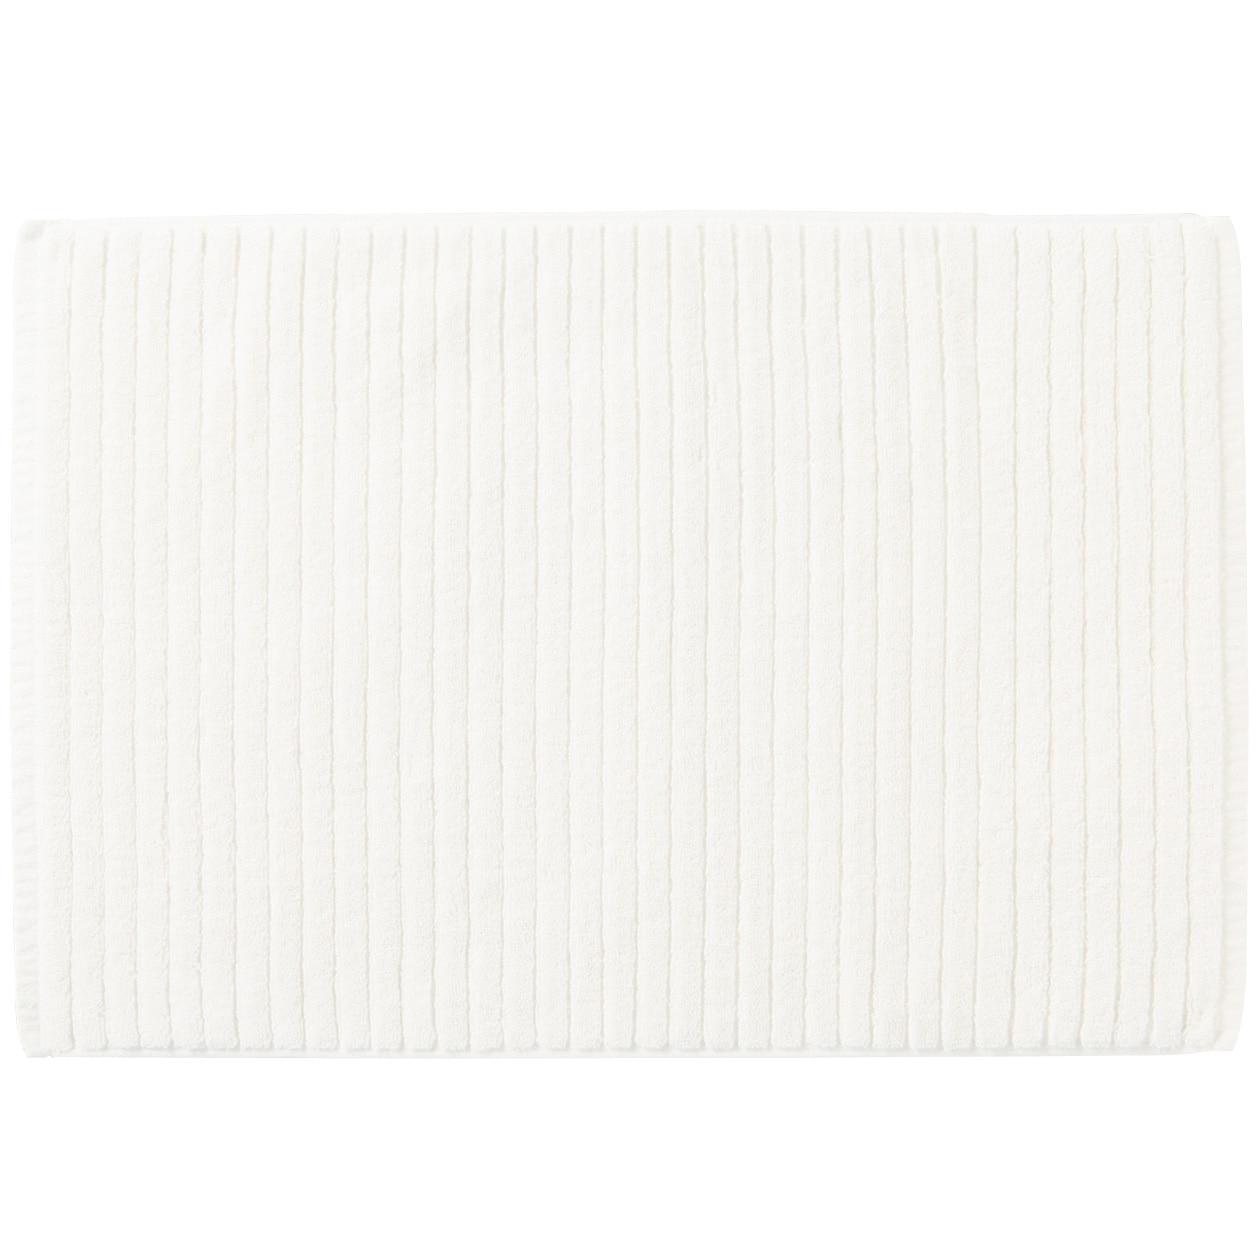 インド綿シェニールバスマット・M/ライトブラウン 45×70cm | 無印良品ネット